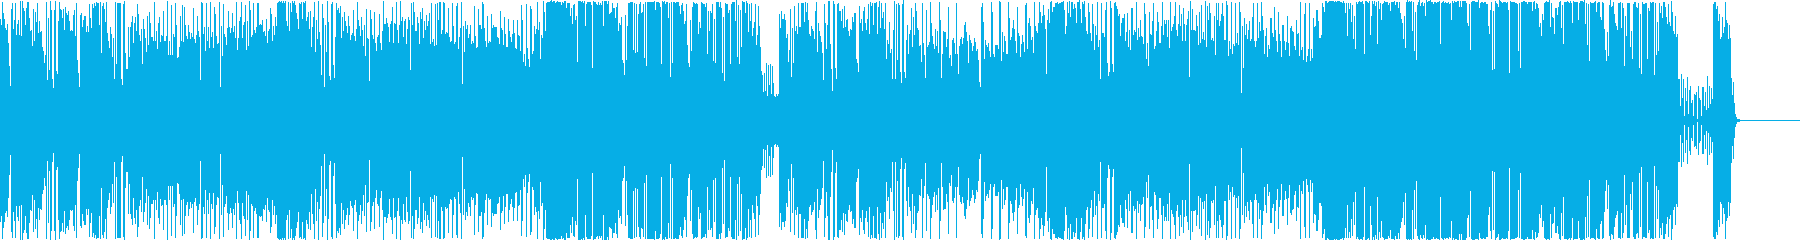 【ドラム抜き】気分がハイになるひたすら明の再生済みの波形